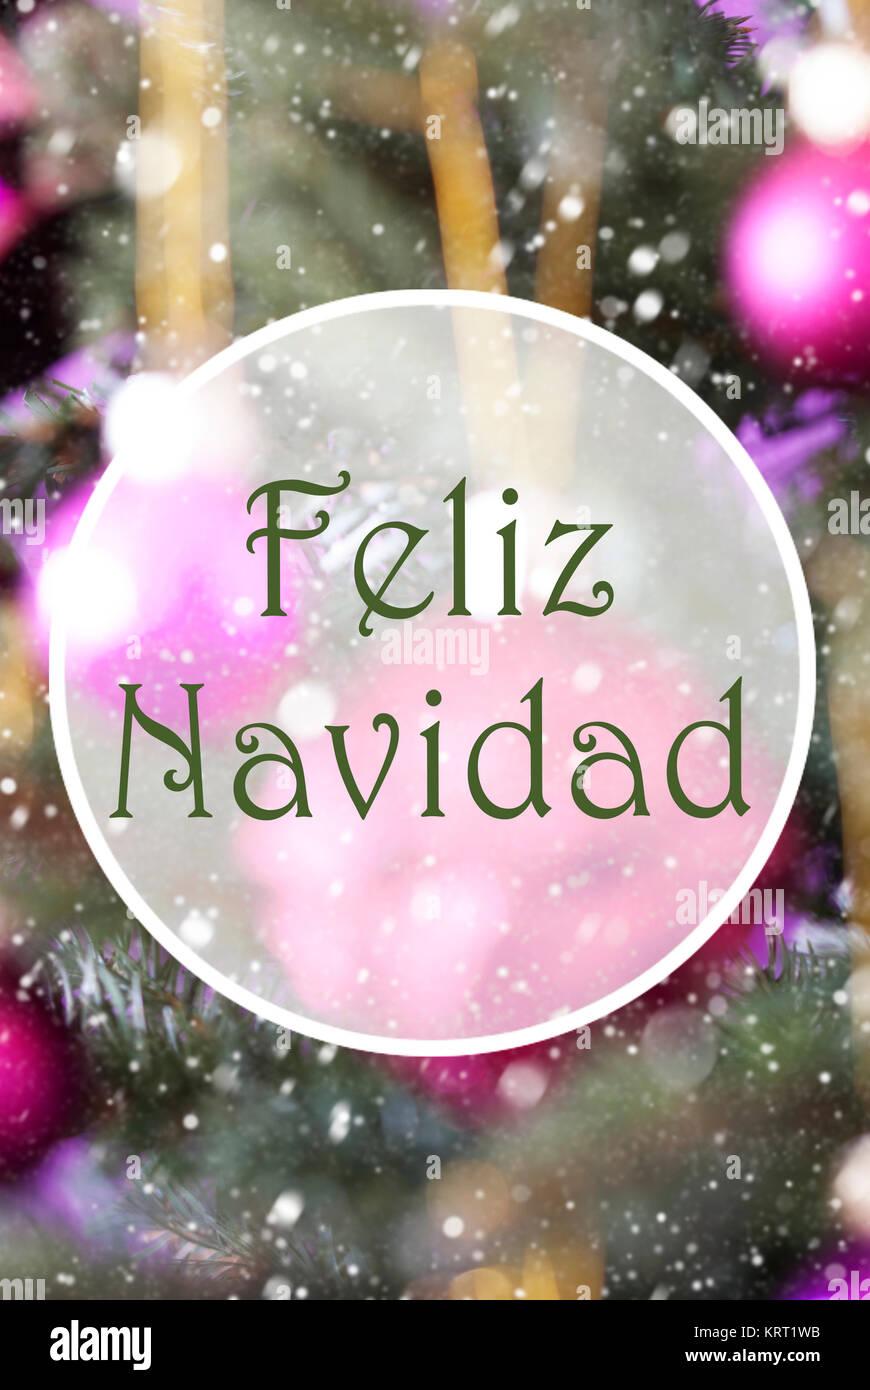 Winterliche Weihnachtsgrüße.Spanische Text Feliz Navidad Frohe Weihnachten Vertikale